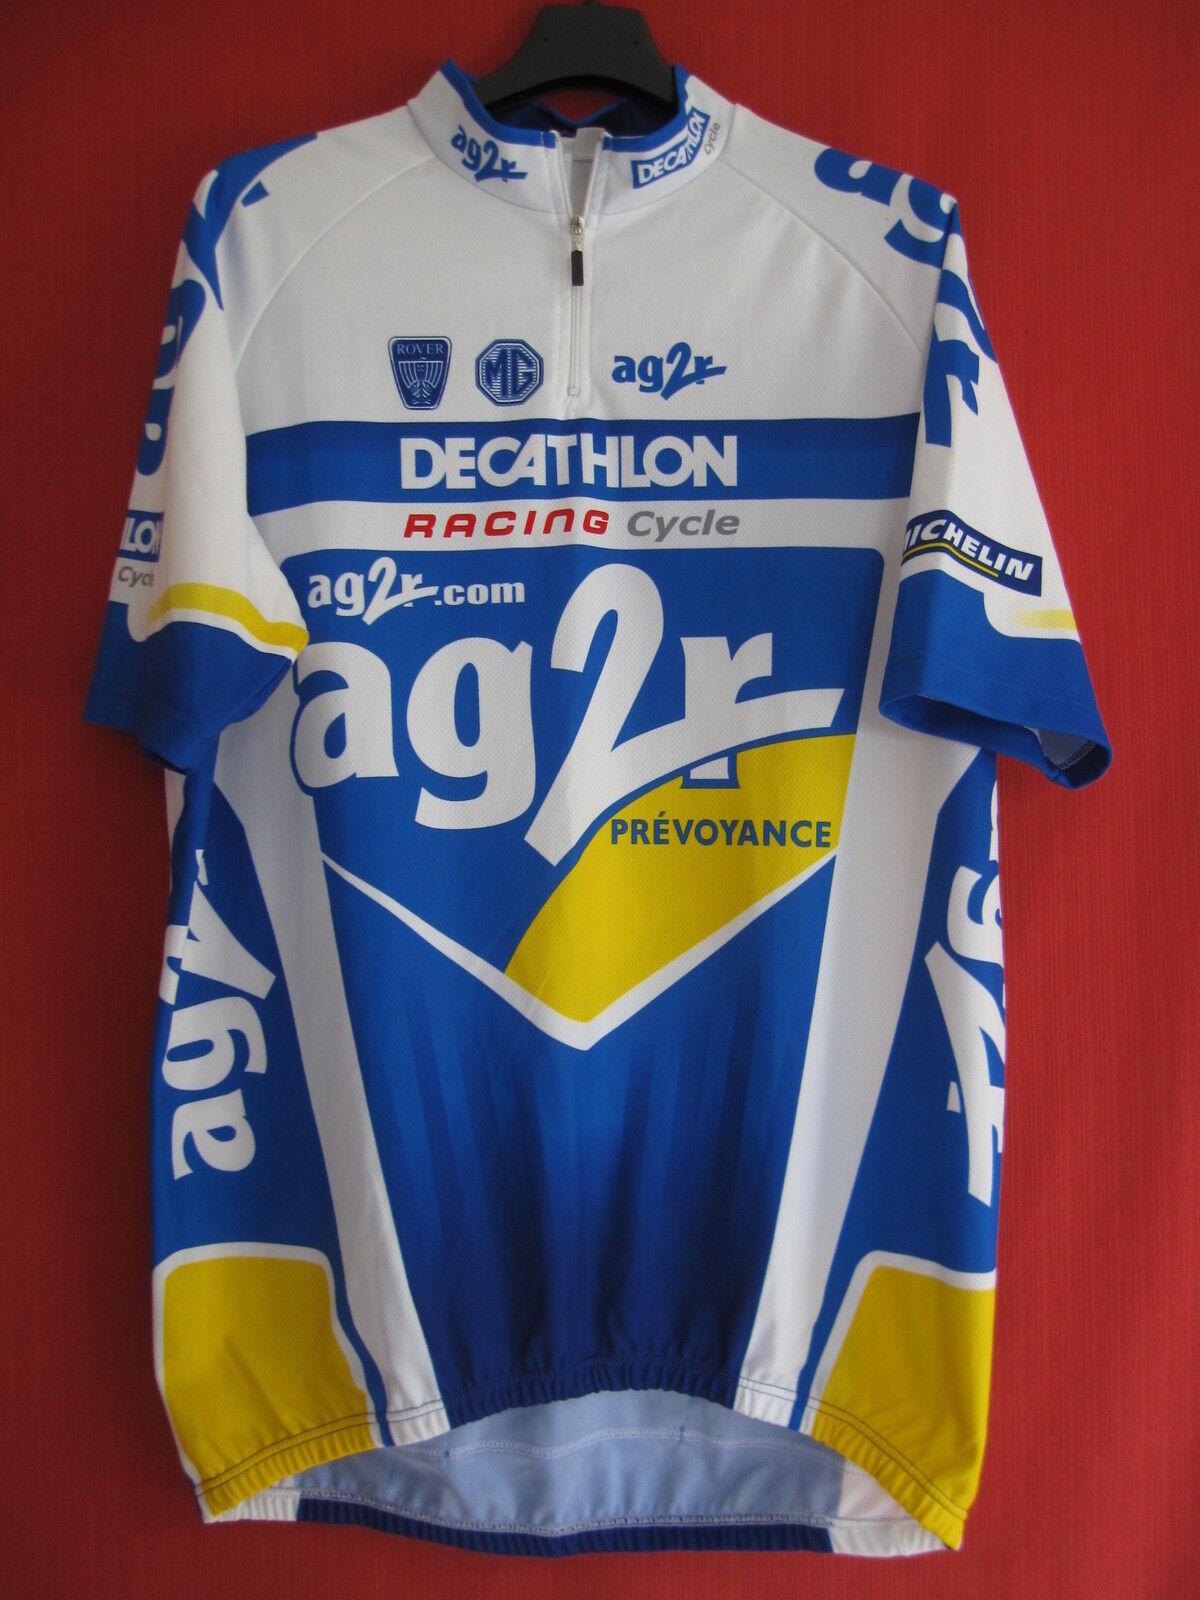 Maillot cycliste AG2R Racing Cycle Decathlon Tour de France - XXL